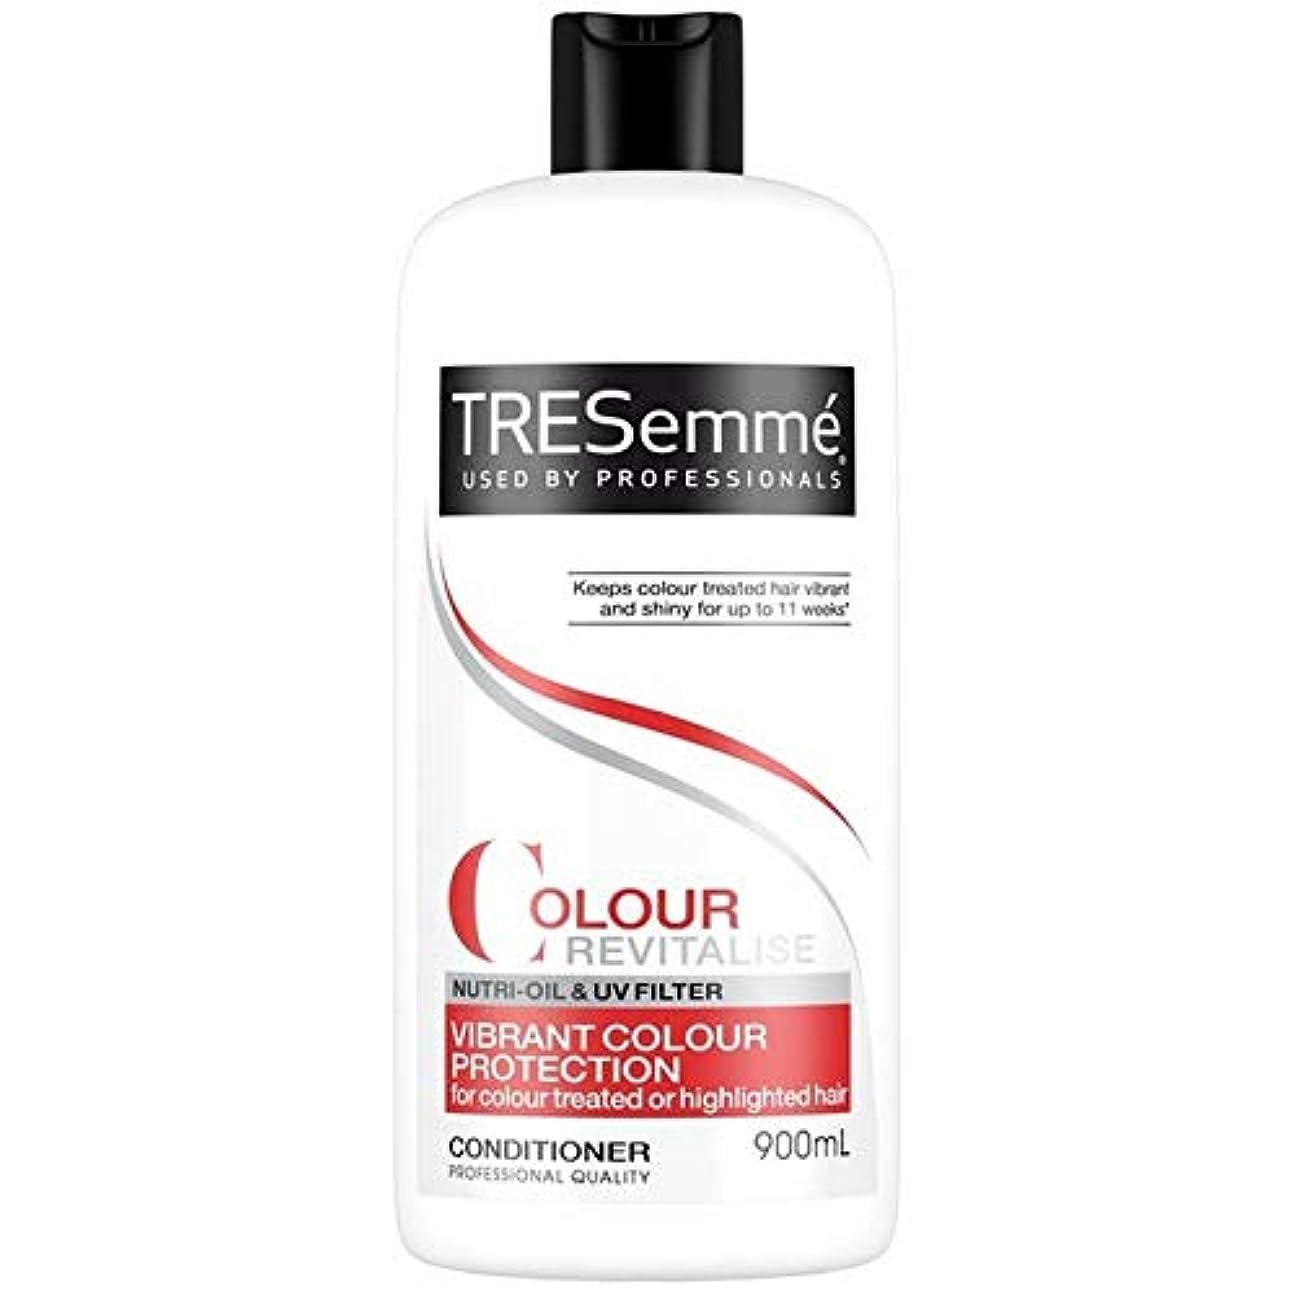 セッティングスケルトンリンケージ[Tresemme] Tresemme色はカラーフェード保護コンディショナー900ミリリットルを活性化 - TRESemme Colour Revitalise Colour Fade Protection Conditioner...